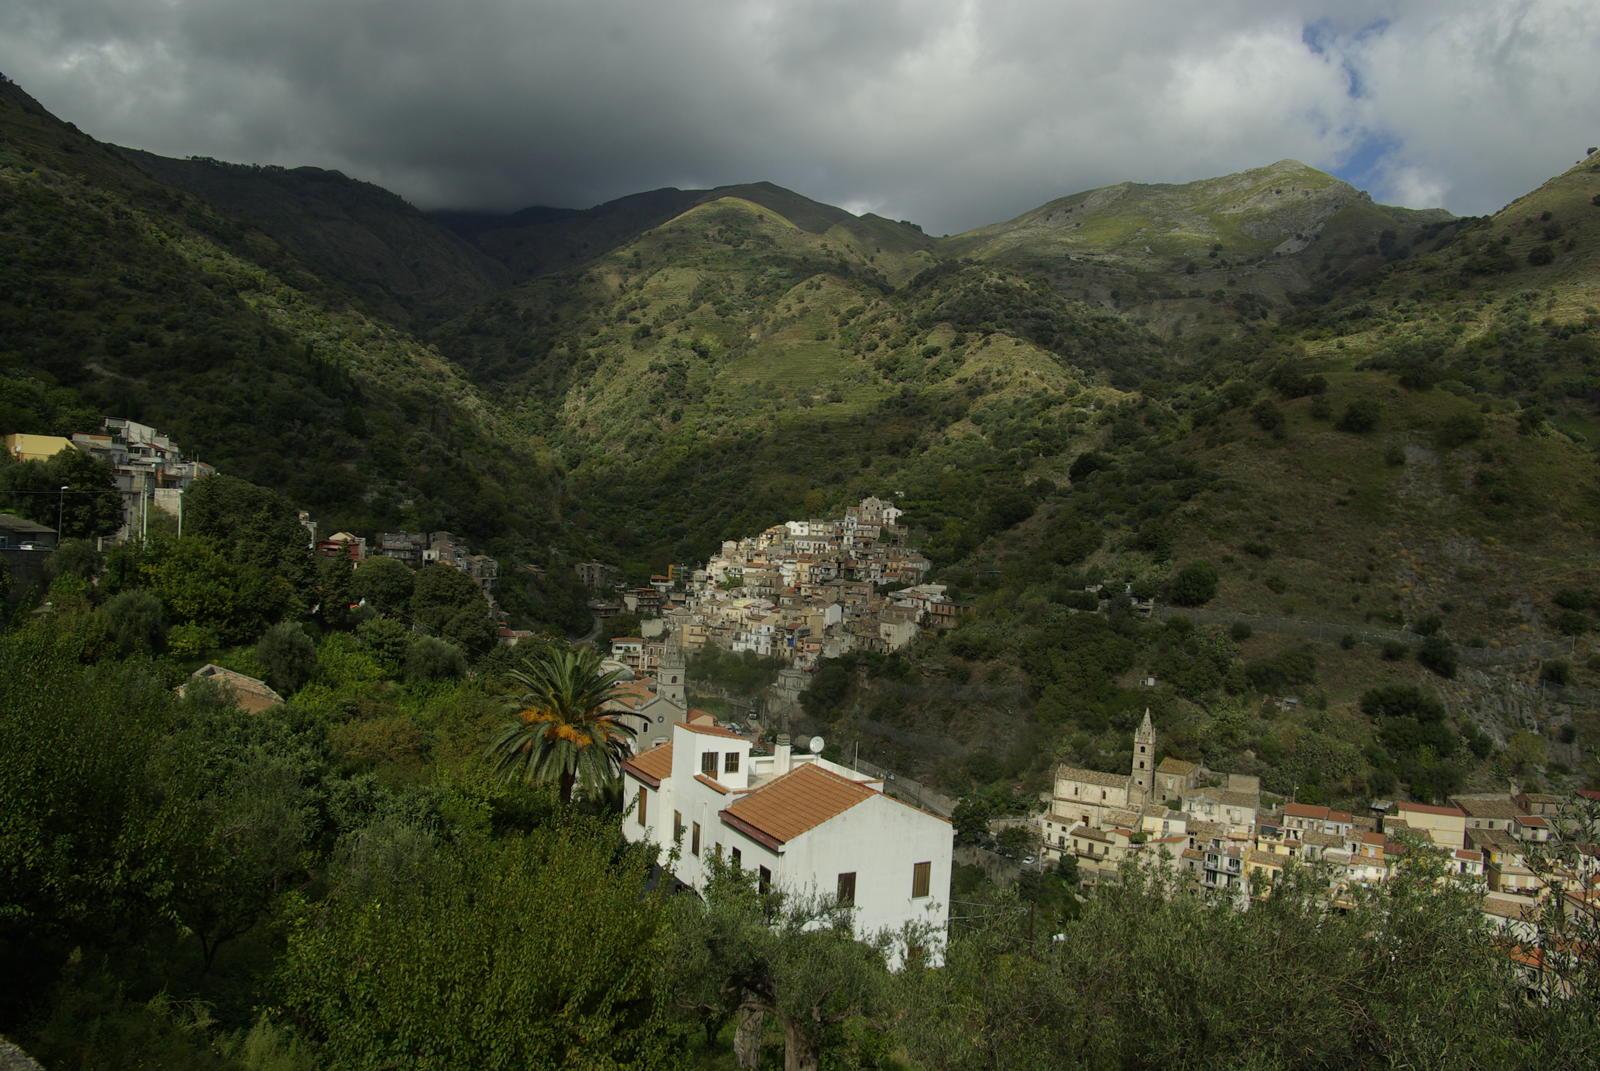 Foto van een huis in de bergen in Sicilie